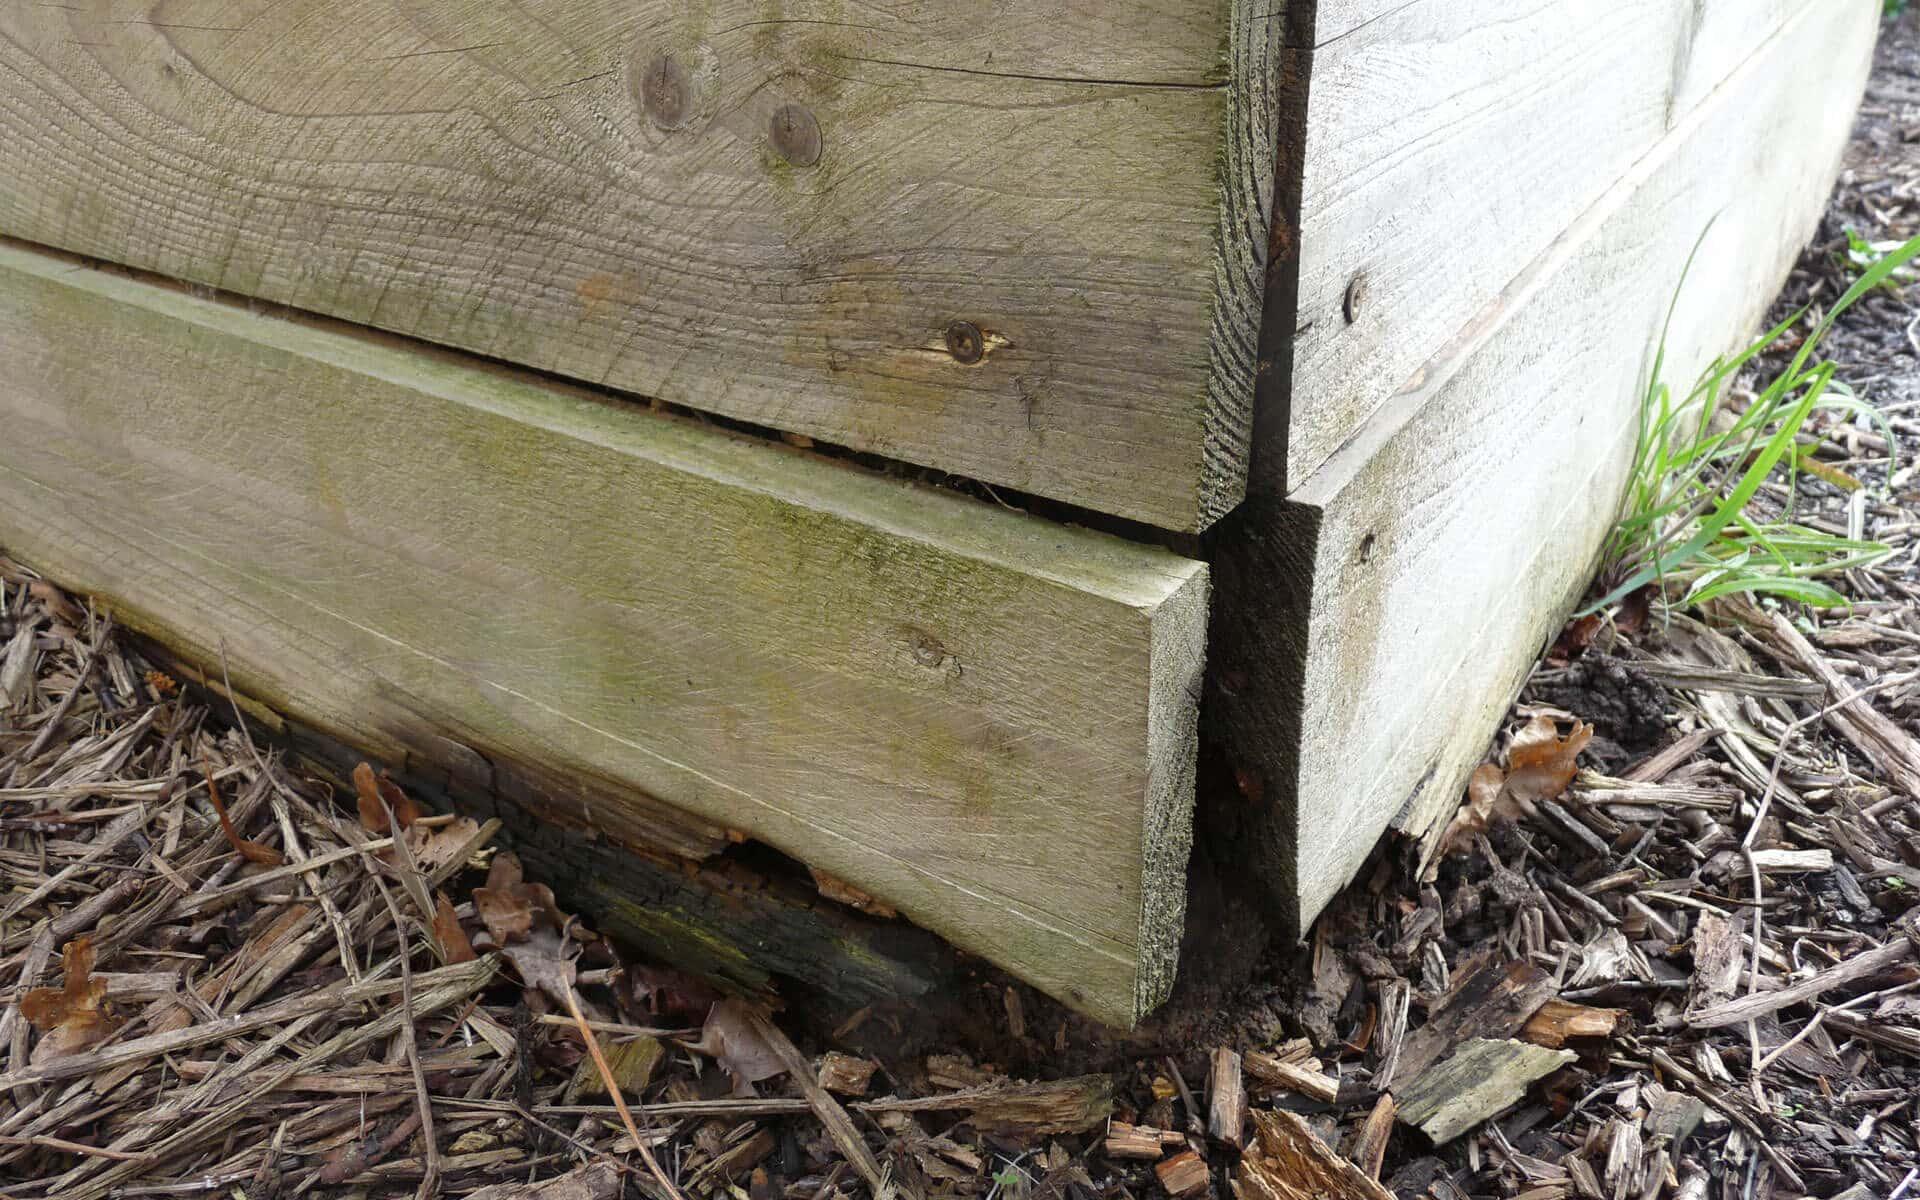 La planche du bas est trop recouverte par le broyat de bois, ce qui la fait pourrir plus vite.